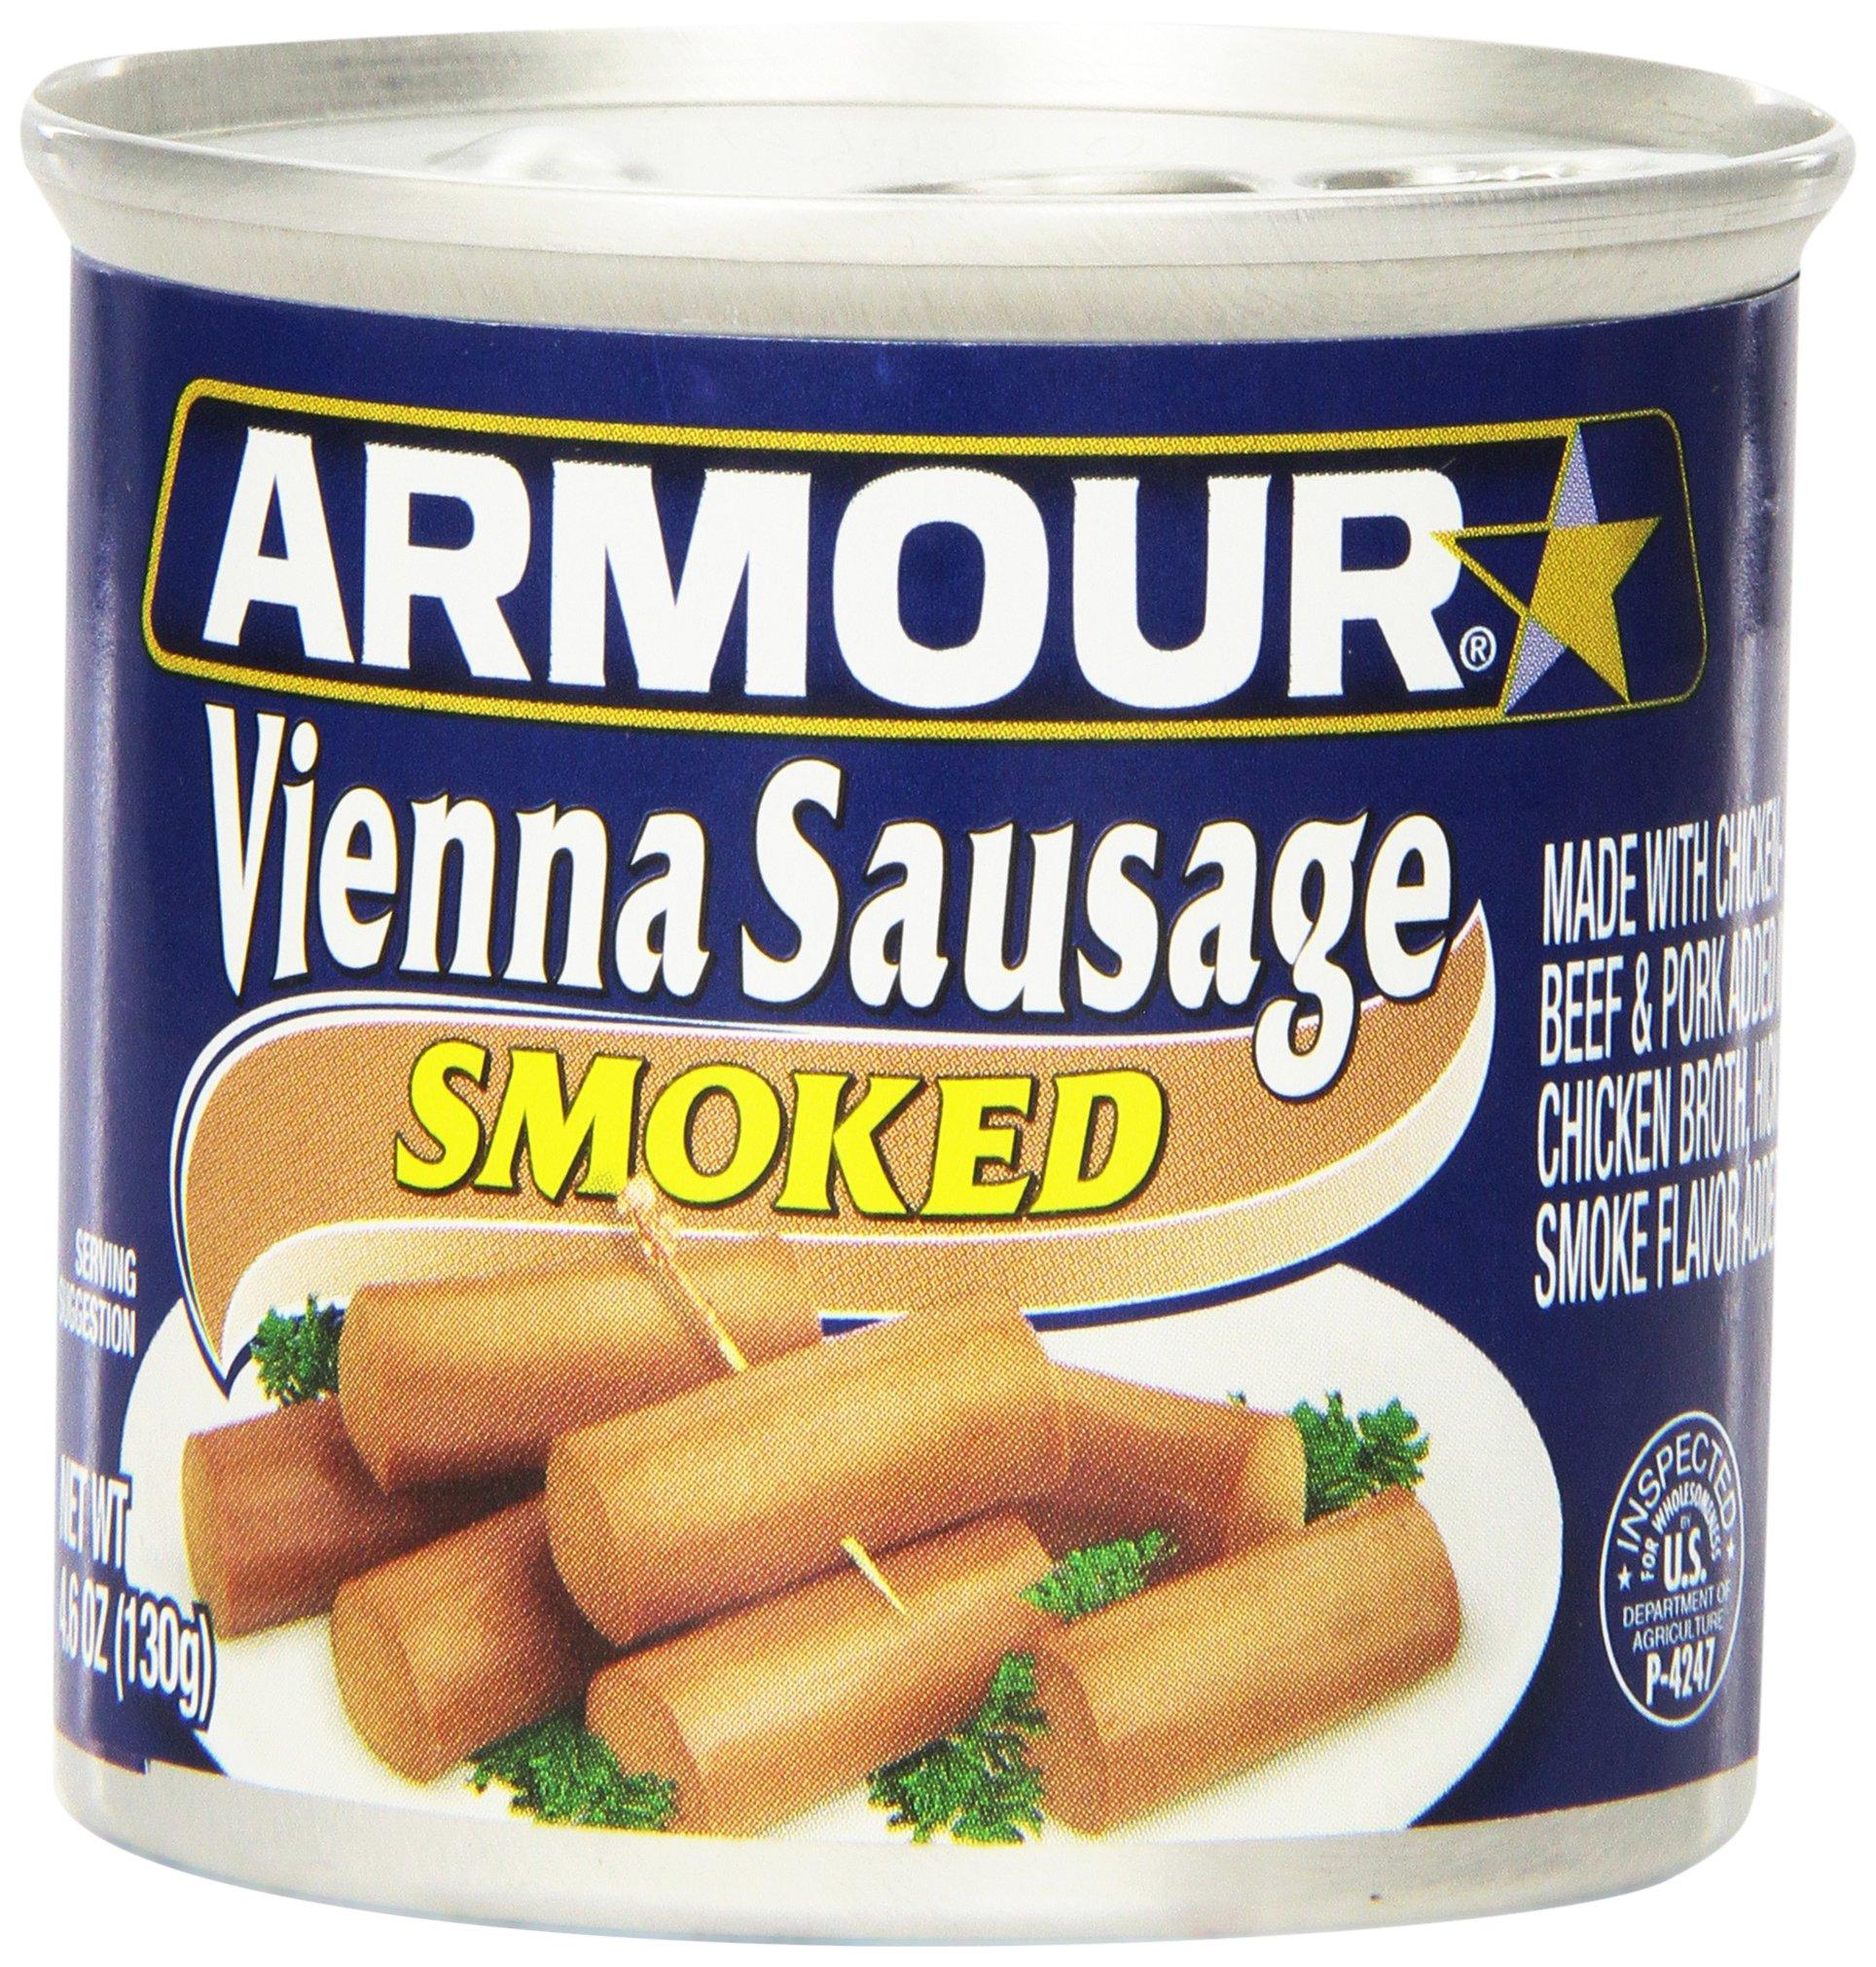 Armour Vienna Sausage, Smoked, 4.6 Ounce (Pack of 24)